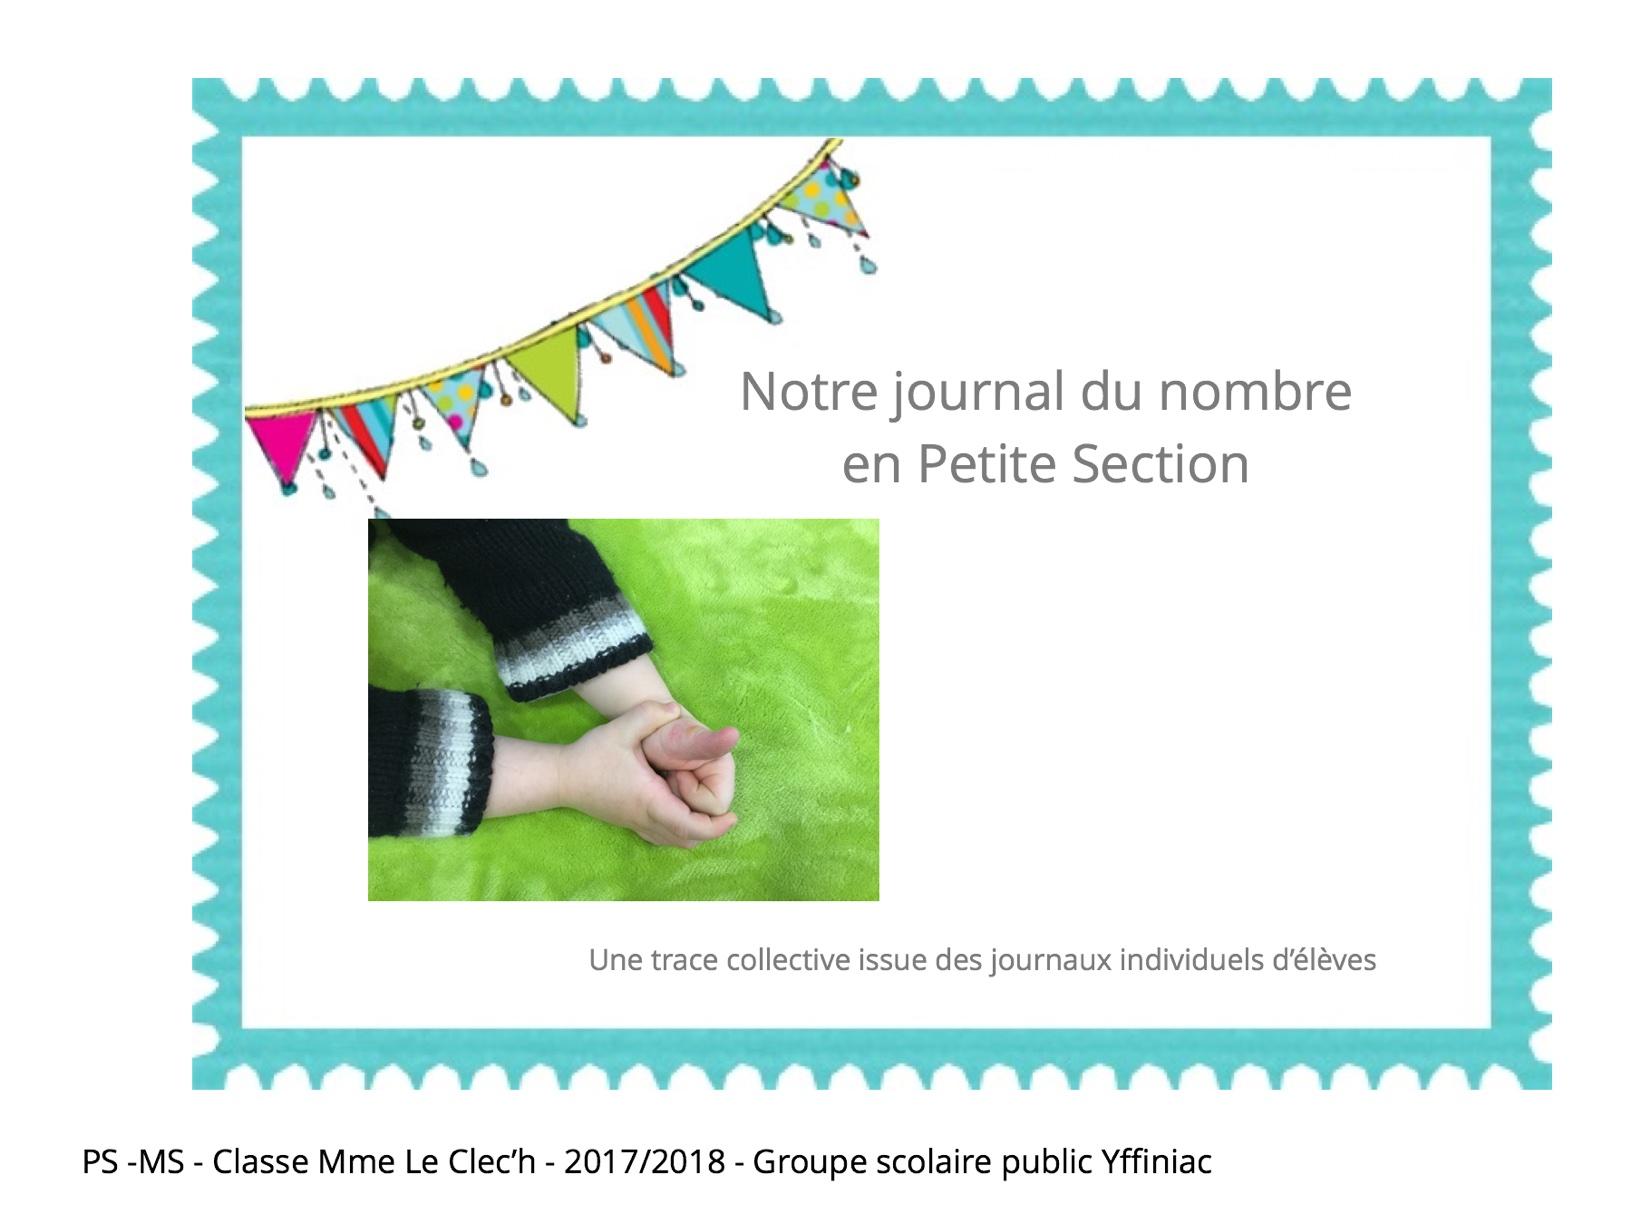 Journal du nombre en Petite Section 2017/2018